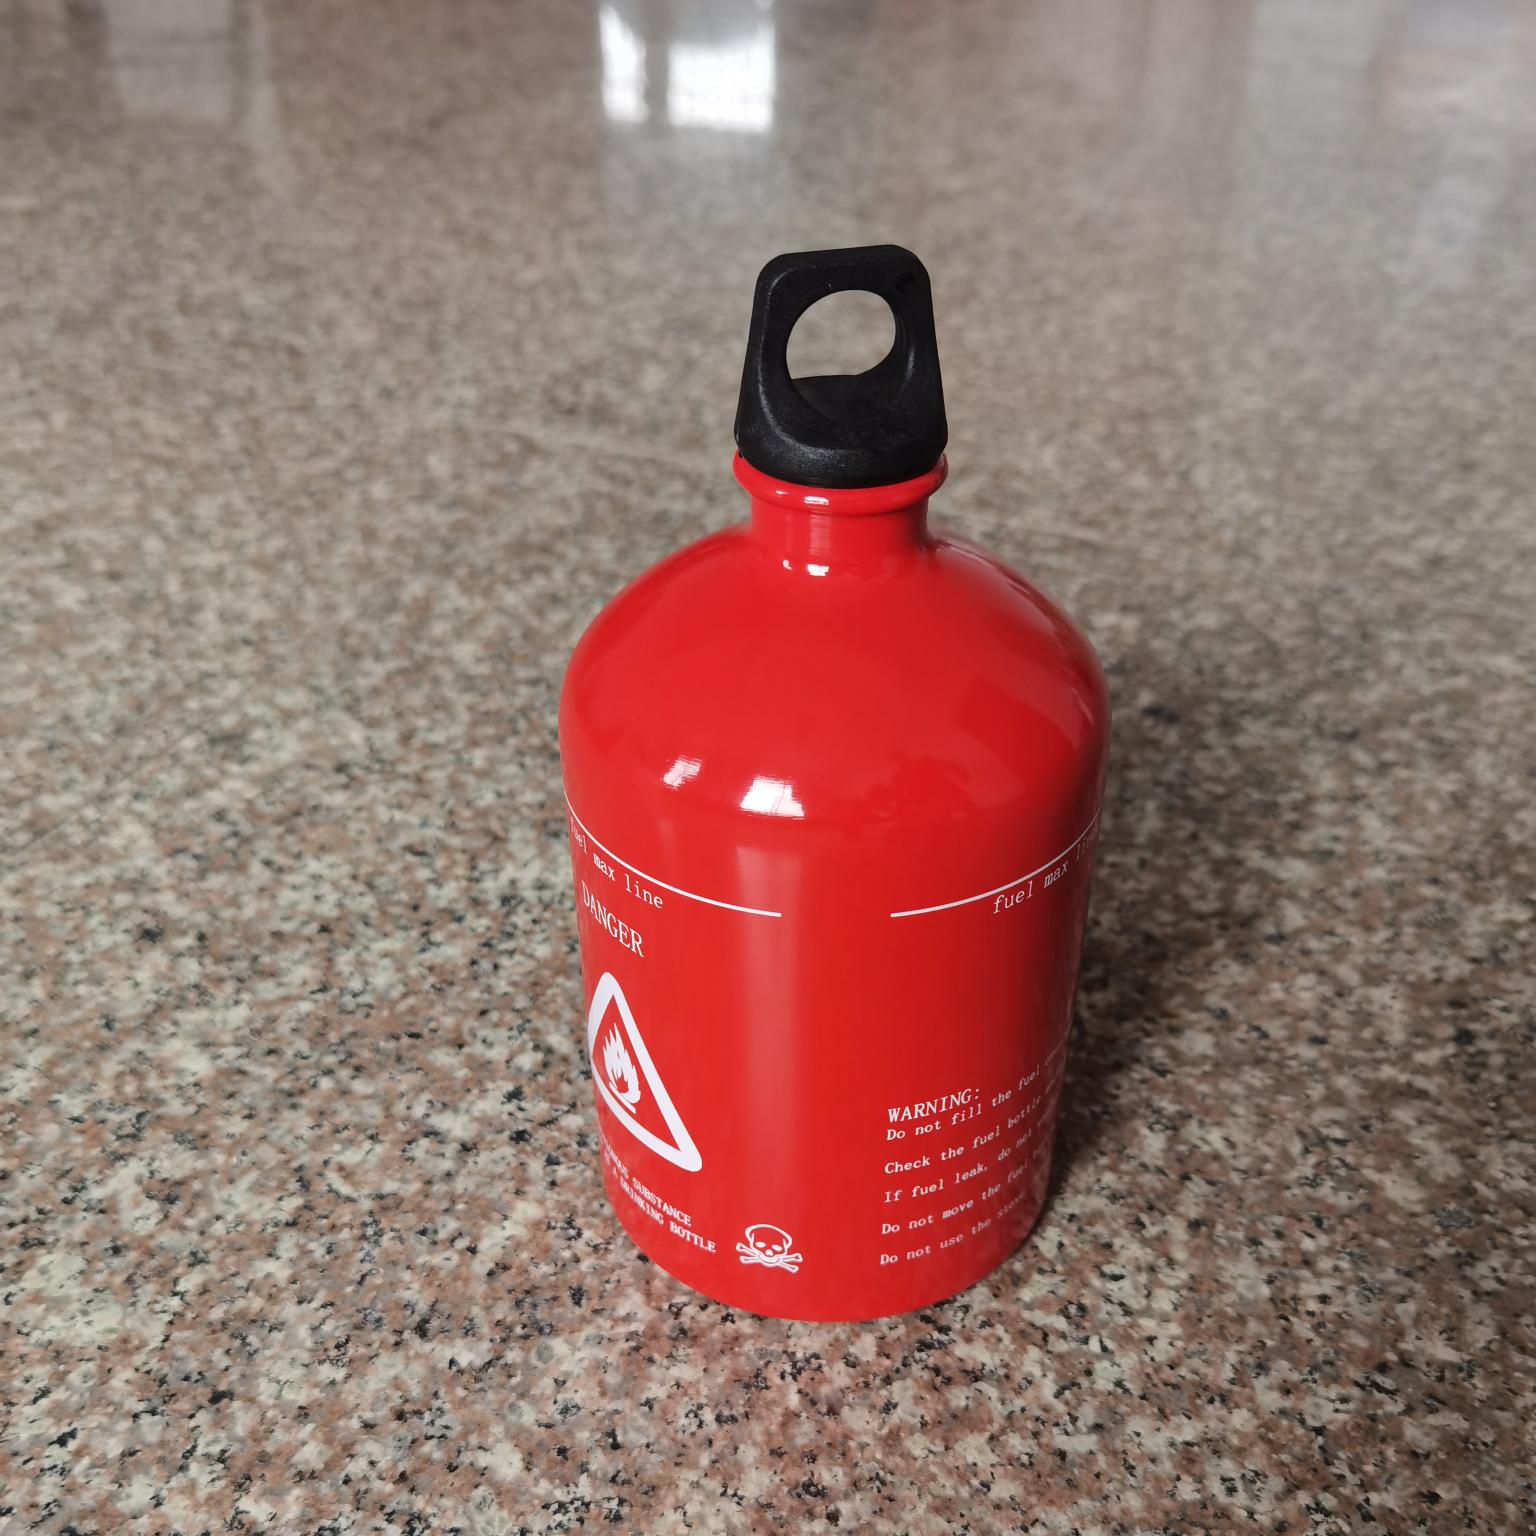 燃气瓶汽油瓶户外野营便携小汽油瓶1000ML铝制燃气瓶